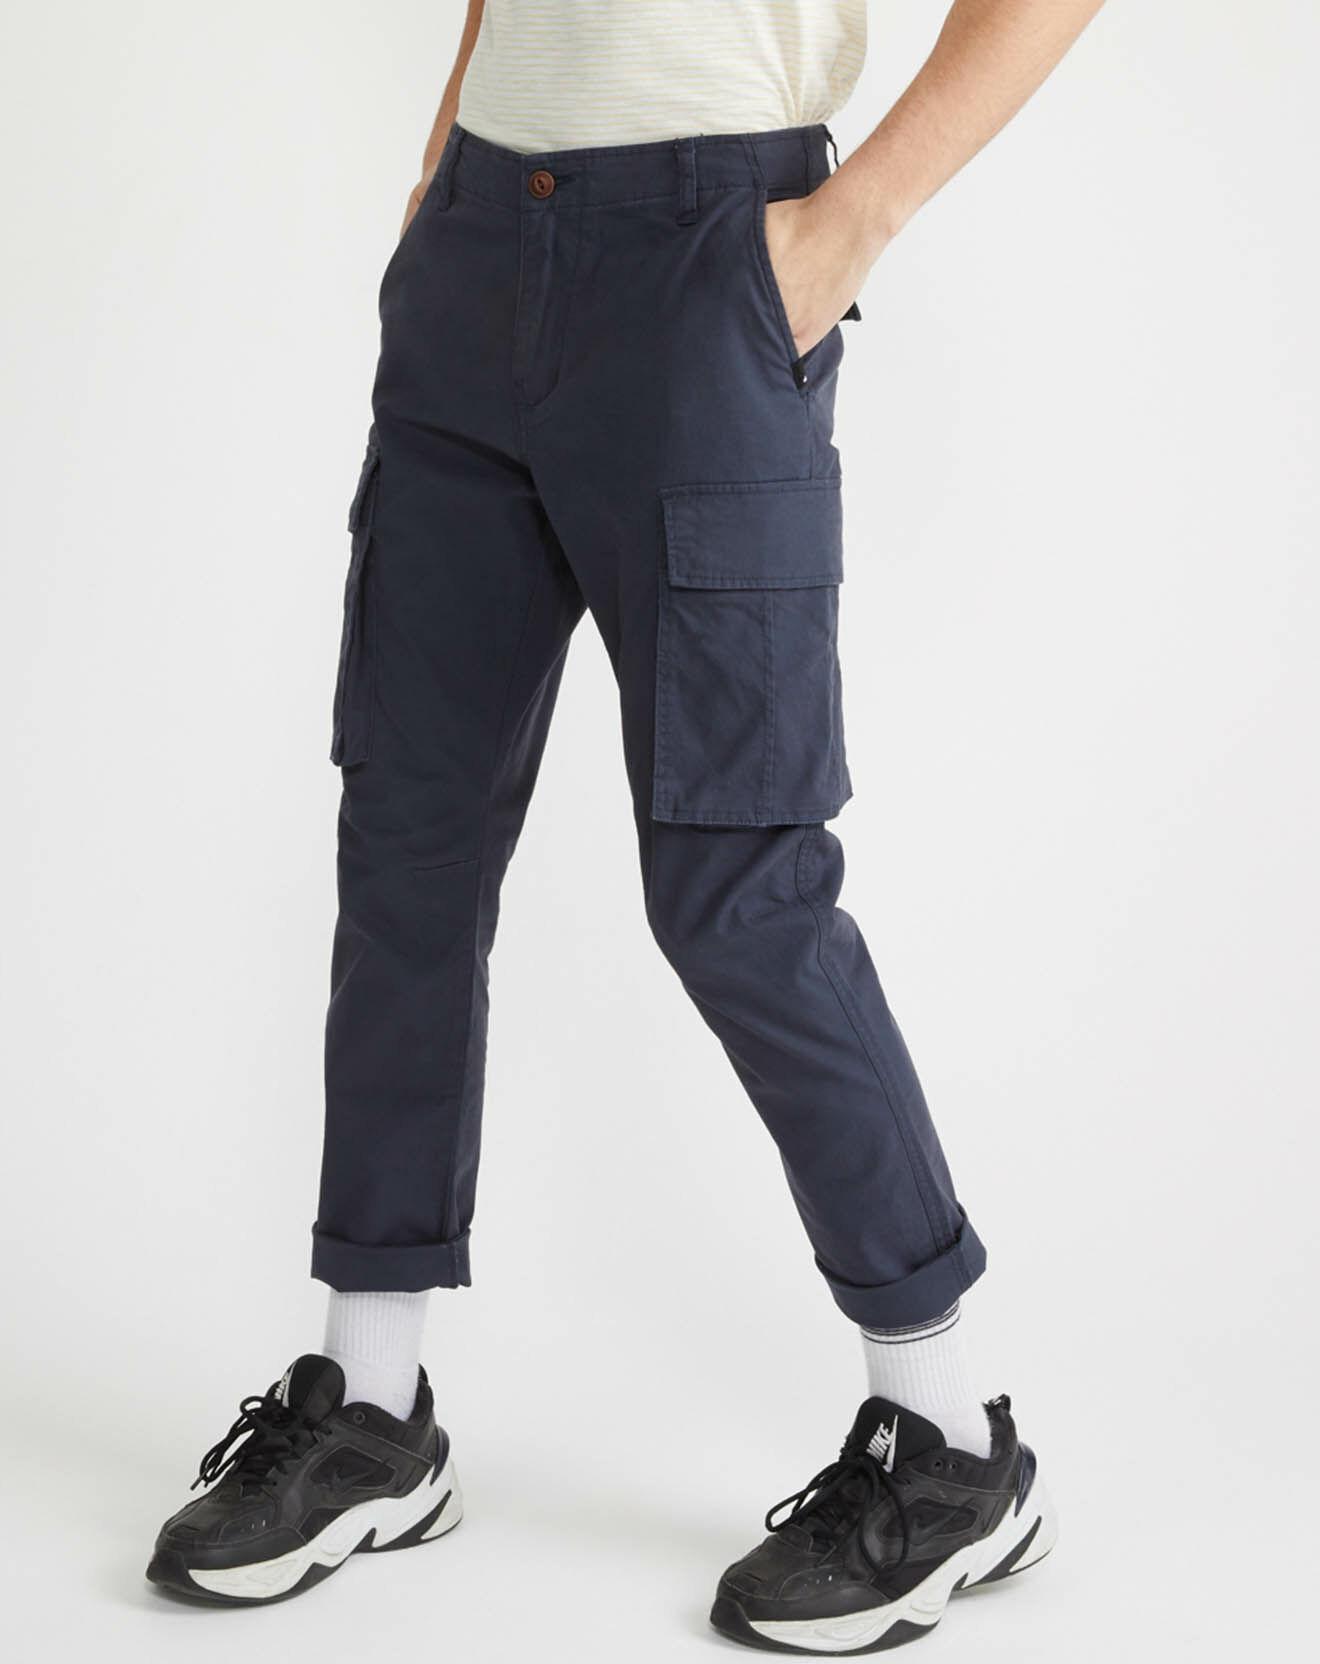 Pantalon Cargo Free Mantle Stretch Flex bleu foncé - Quiksilver - Modalova